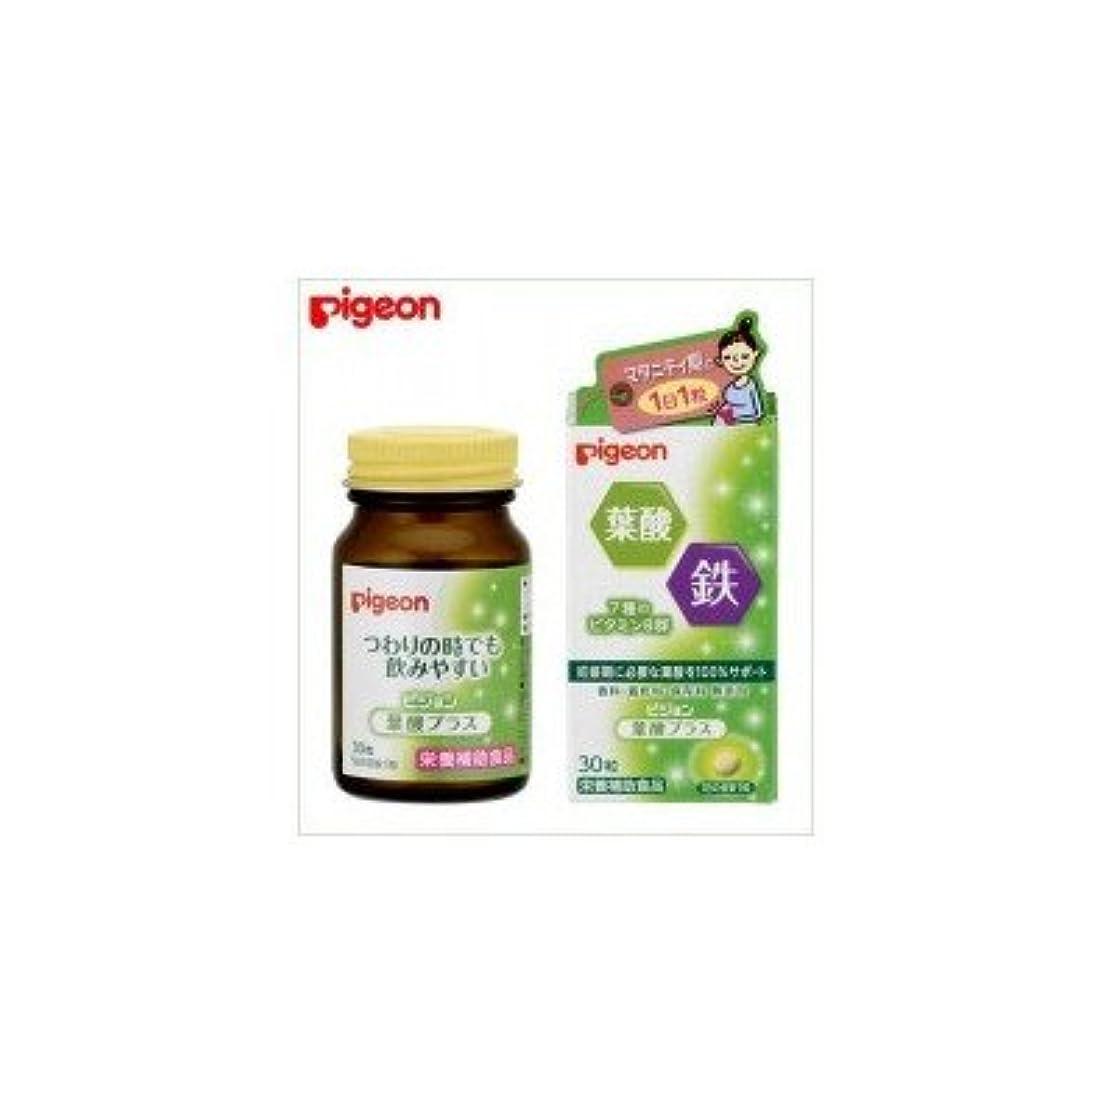 衣類聡明ゆるいPigeon(ピジョン) サプリメント 栄養補助食品 葉酸プラス 30粒(錠剤) 20390